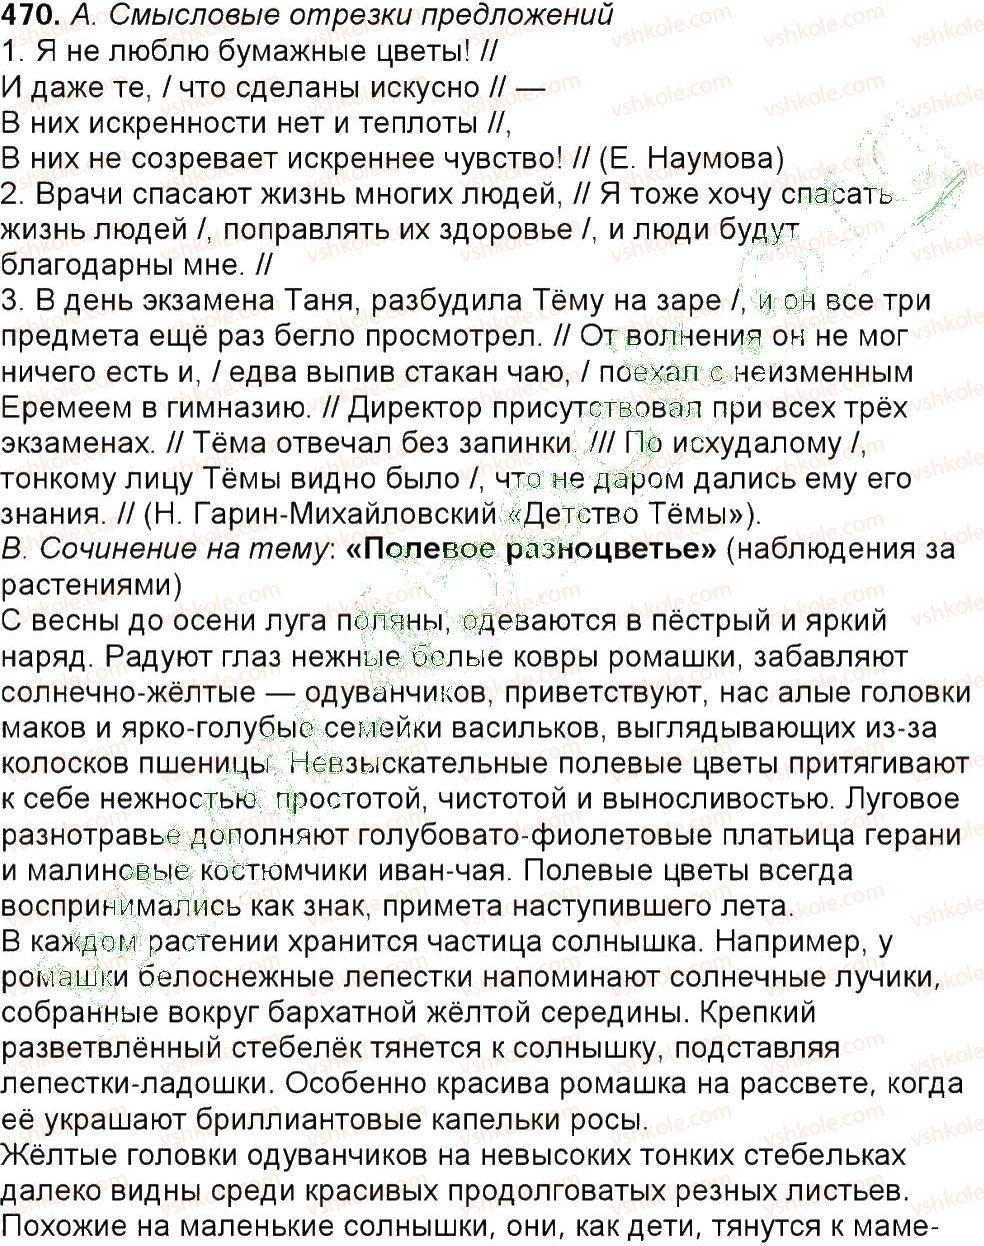 6-russkij-yazyk-tm-polyakova-ei-samonova-am-prijmak-2014--uprazhneniya-452-592-470.jpg